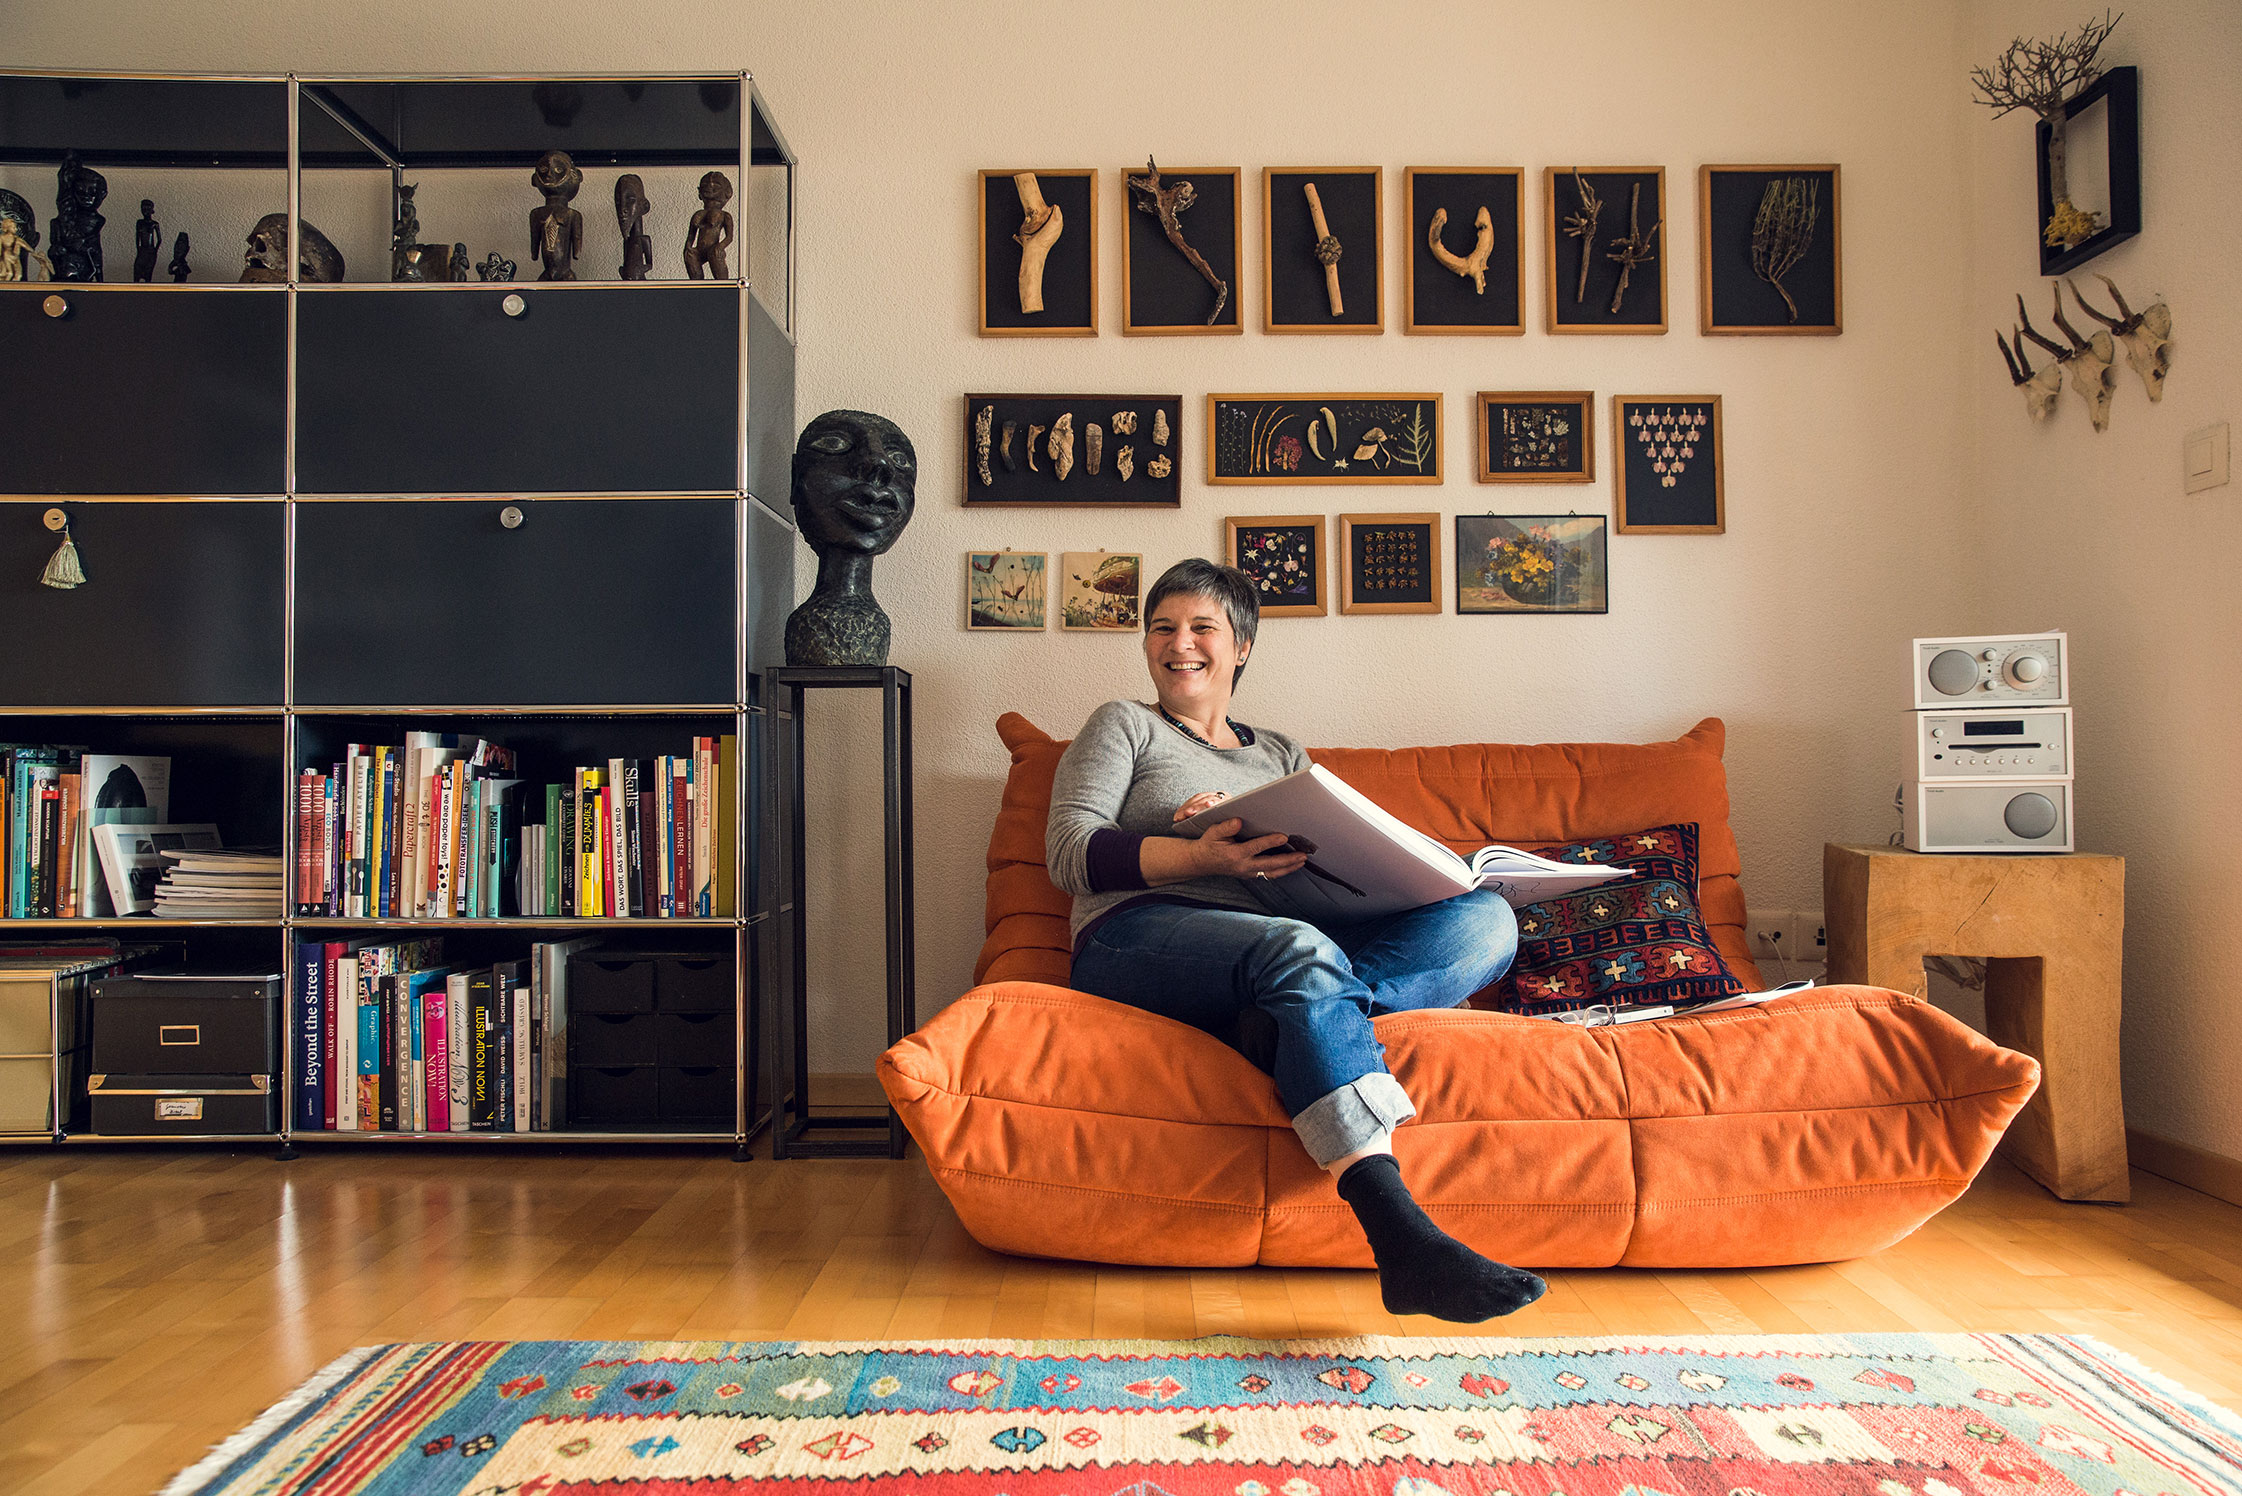 Usm Haller Wohnzimmer Sammlung | Brigitte Rossi Personalities By Usm